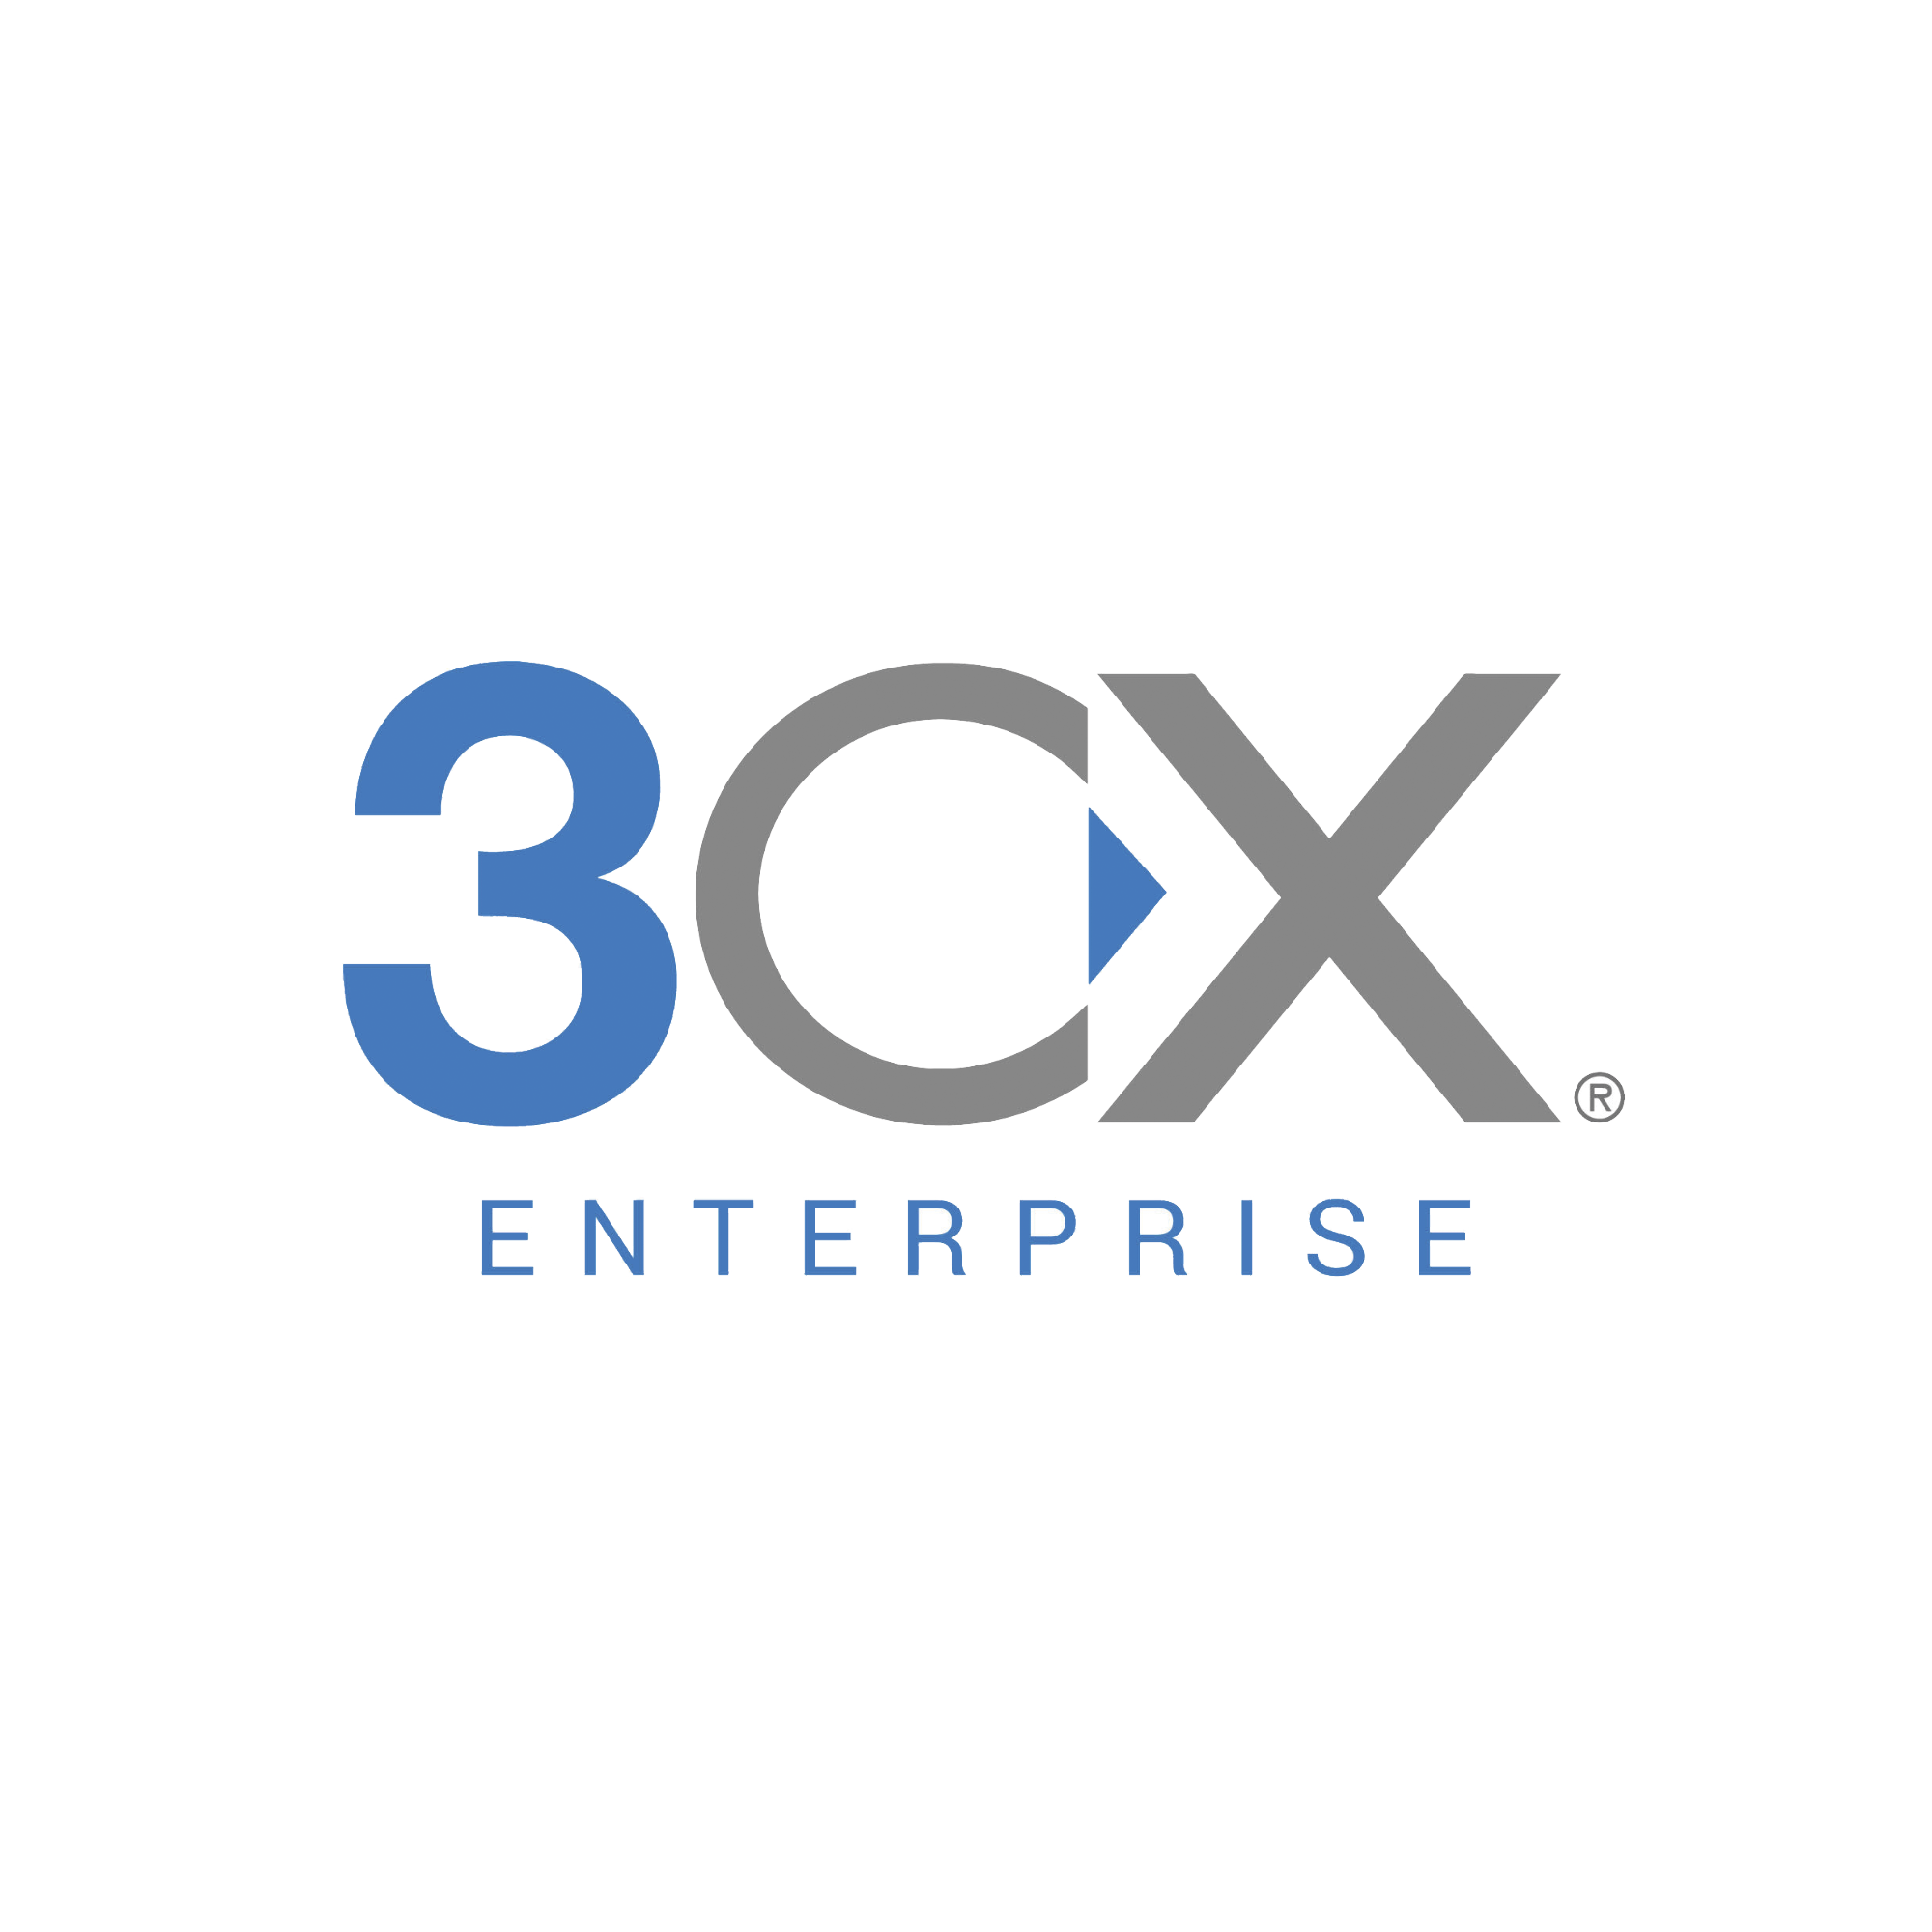 Licencia anual de 3CX Enterprise para 16 llamadas simultáneas y extensiones ilimitadas